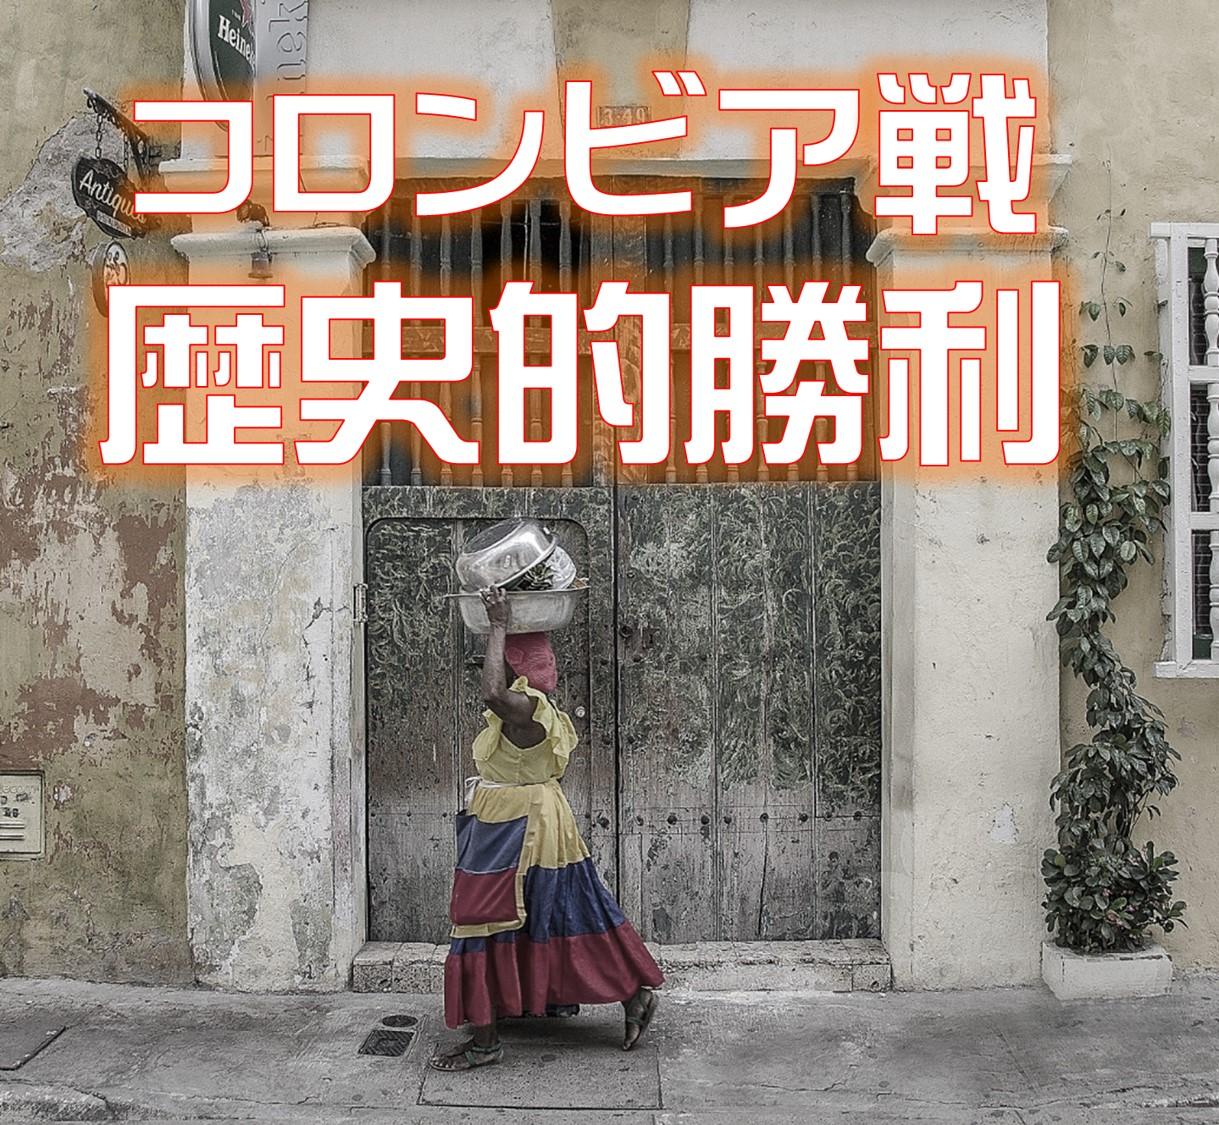 「勝利すべきではない」日本代表がコロンビア戦で歴史的勝利!田嶋幸三は賭けに勝ったのか?